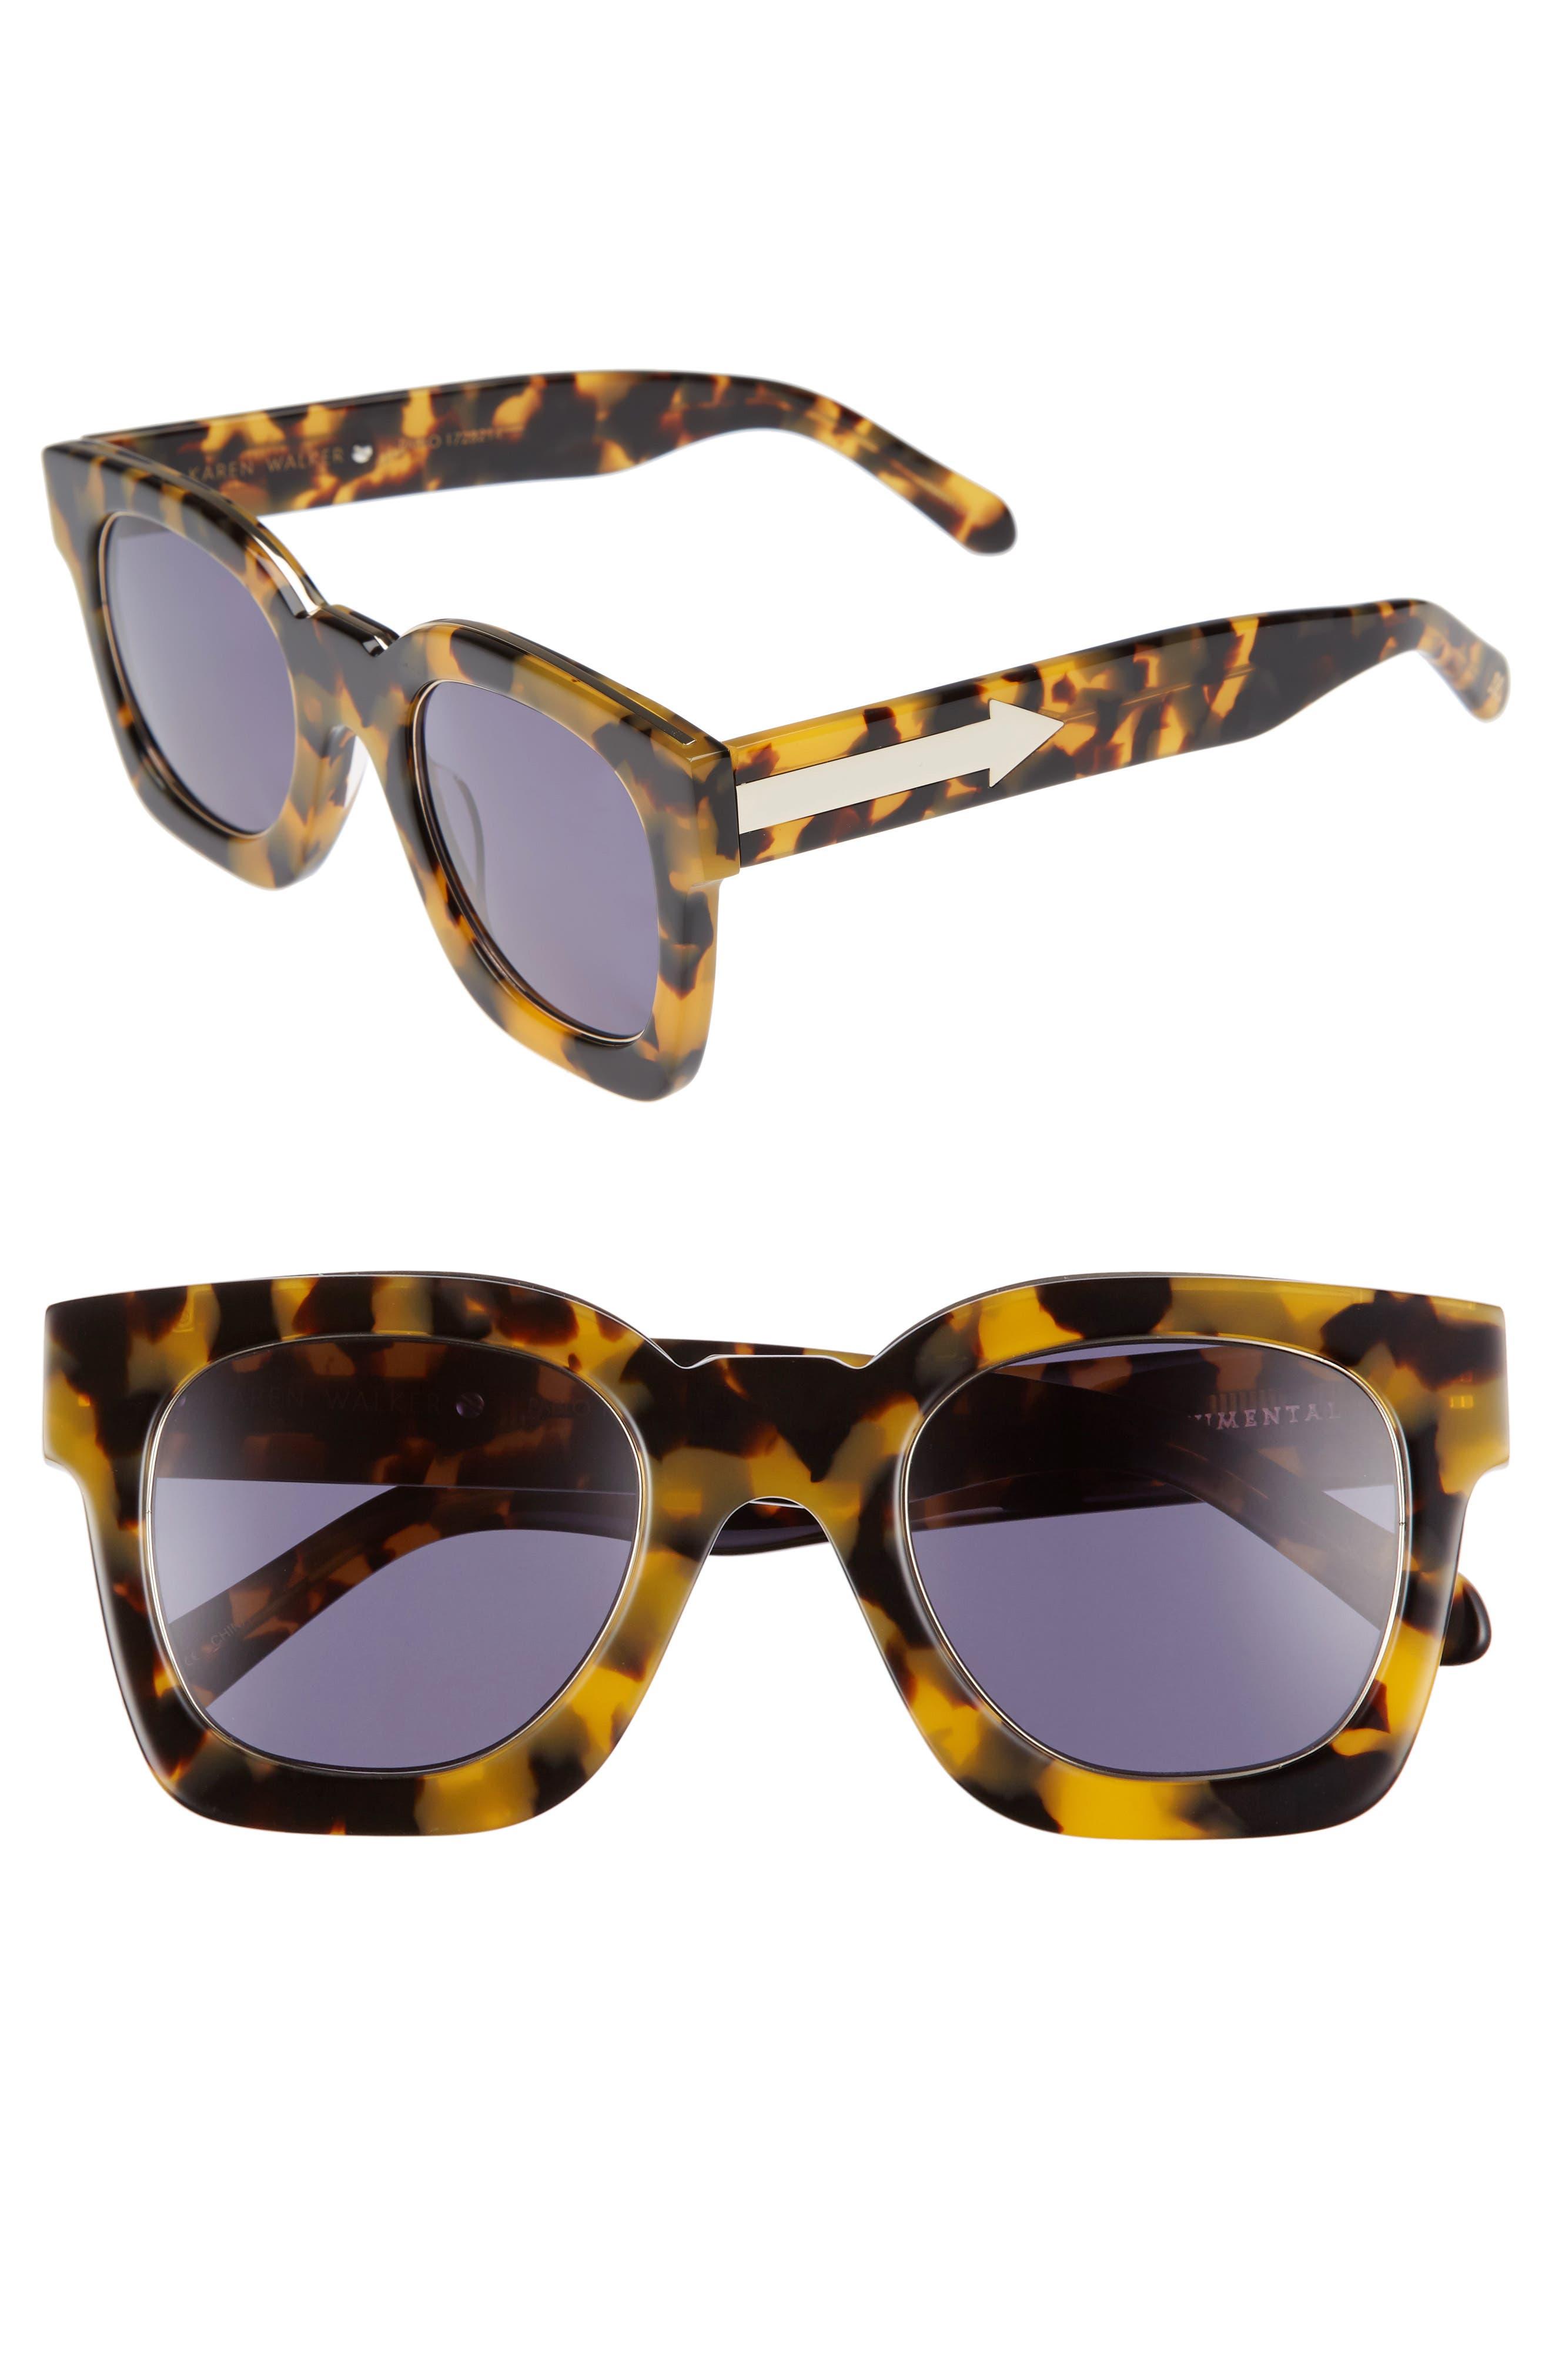 Karen Walker x Monumental Pablo 50mm Polarized Sunglasses